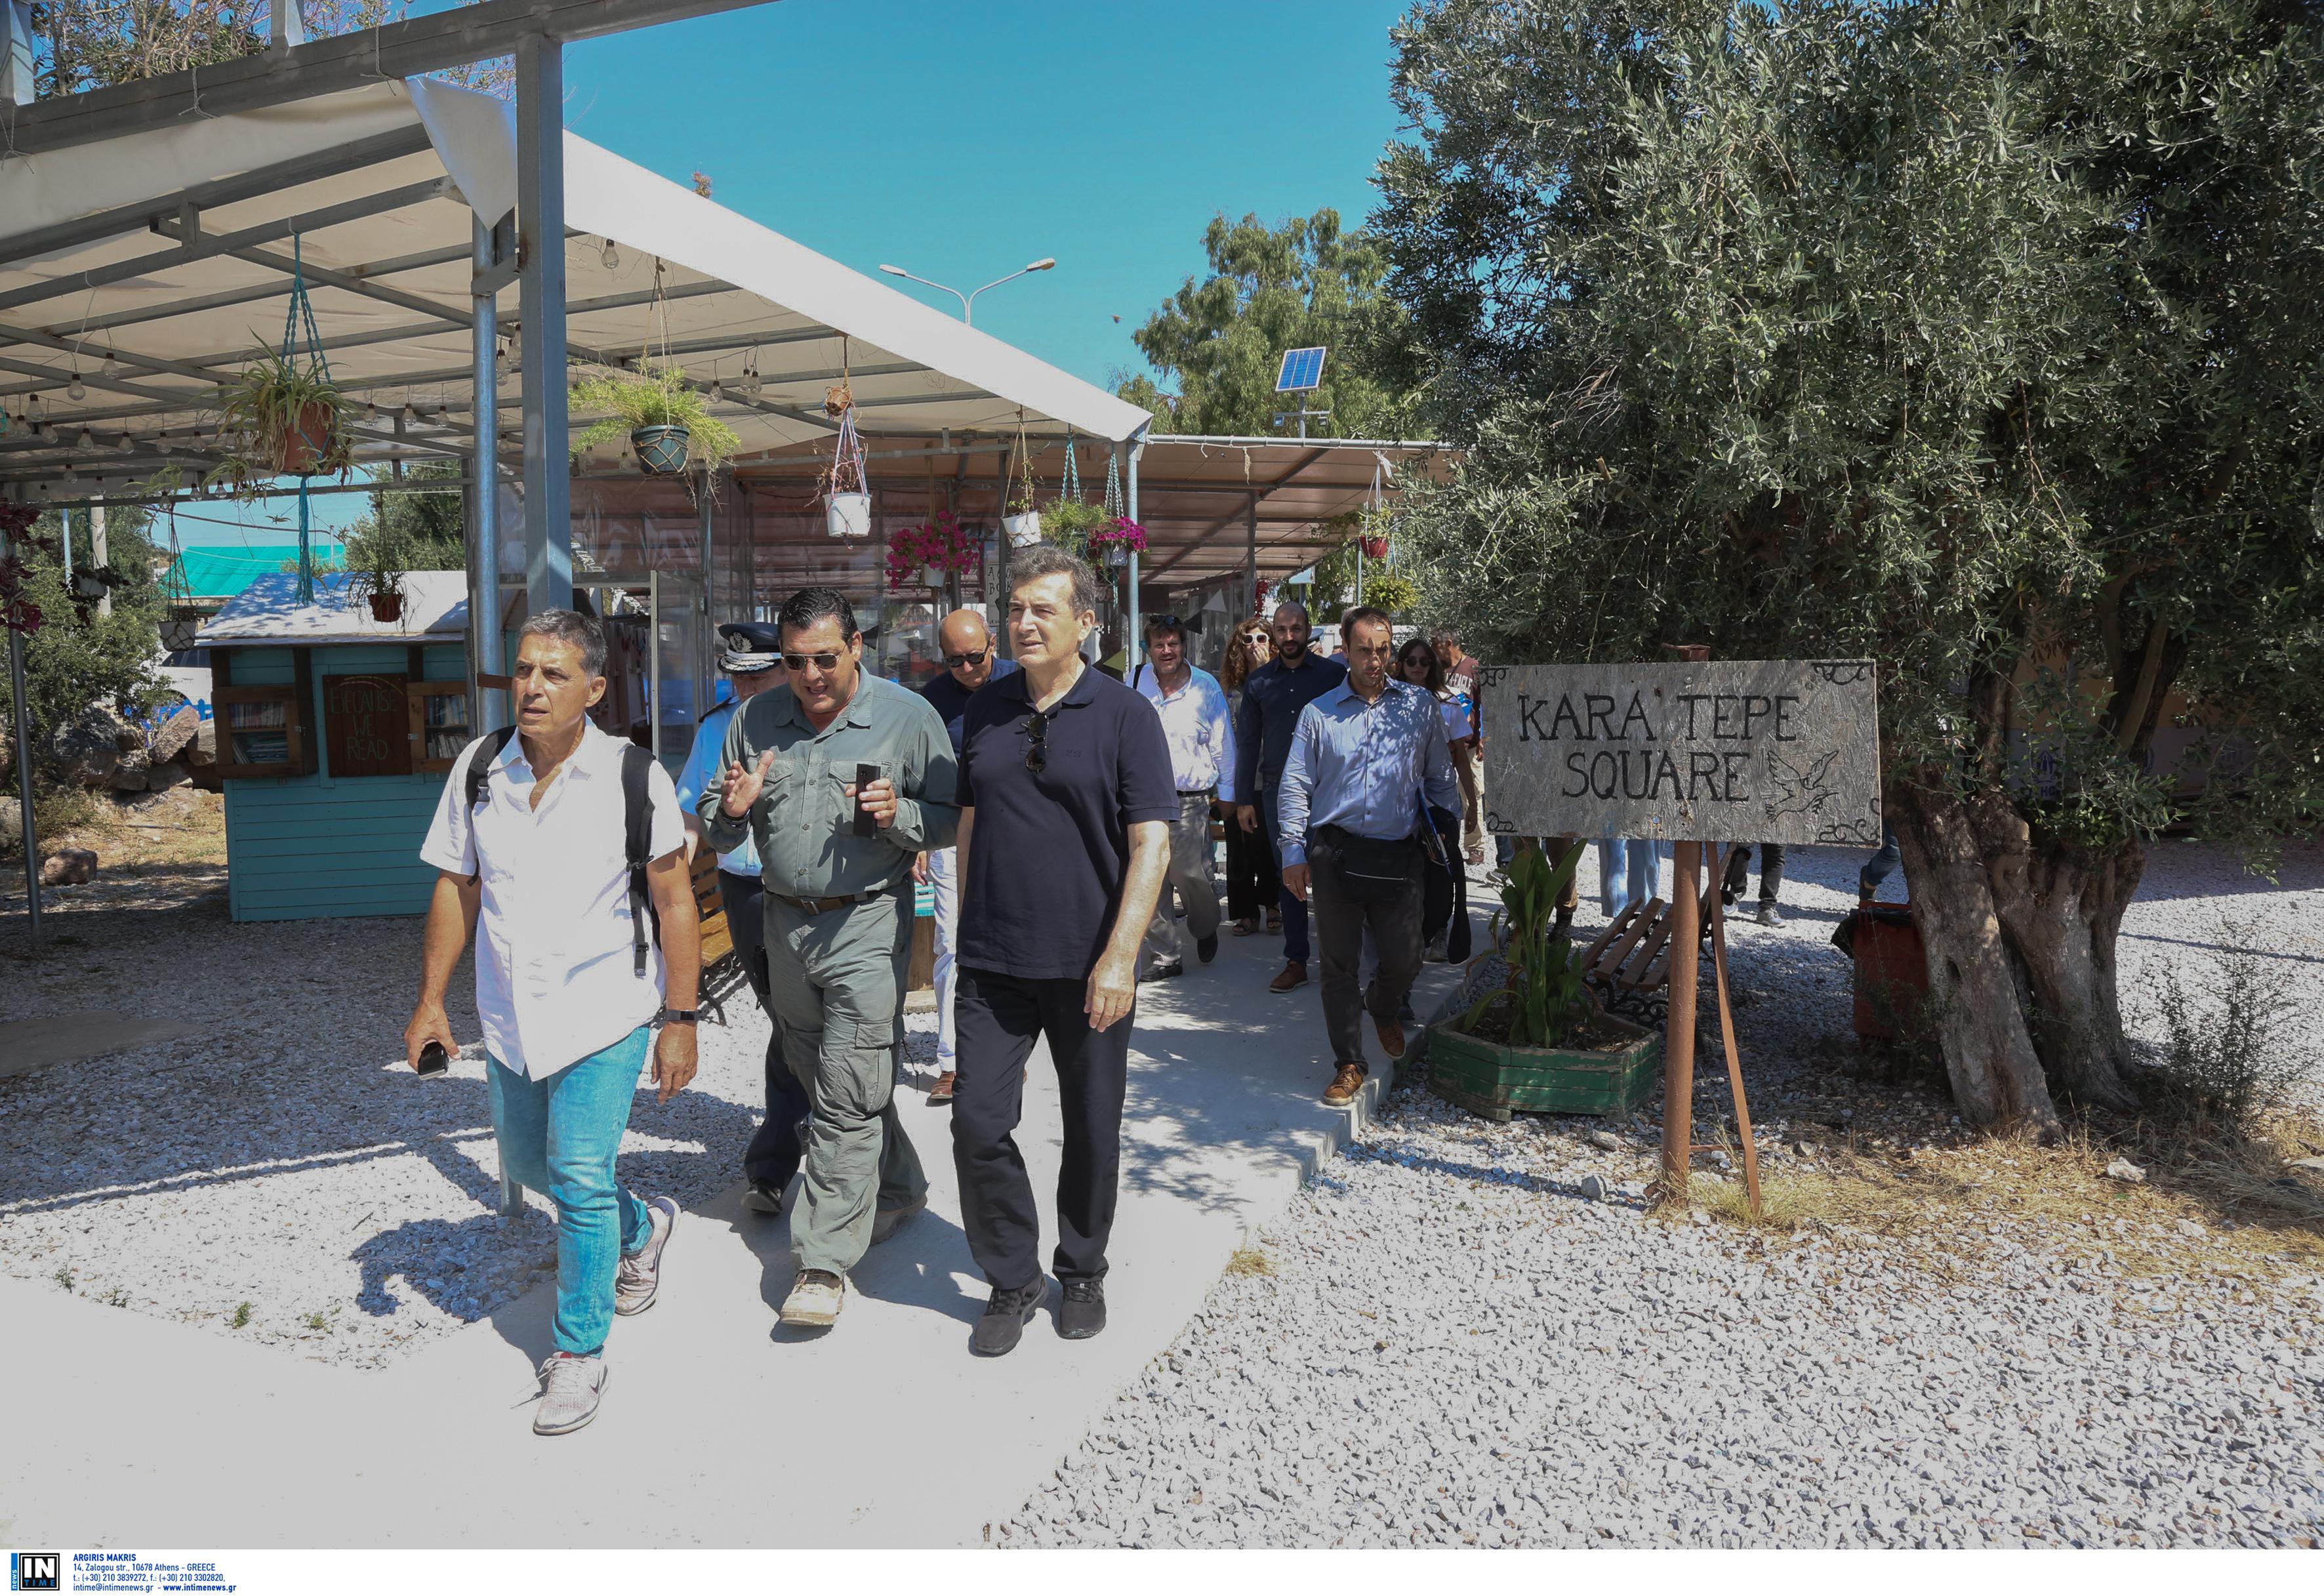 Ο υπουργός επιθεώρησε το Κέντρο Υποδοχής και Ταυτοποίησης της Μόριας, το Ανοιχτό Κέντρο Φιλοξενίας του Δήμου Λέσβου στο Καρά Τεπέ